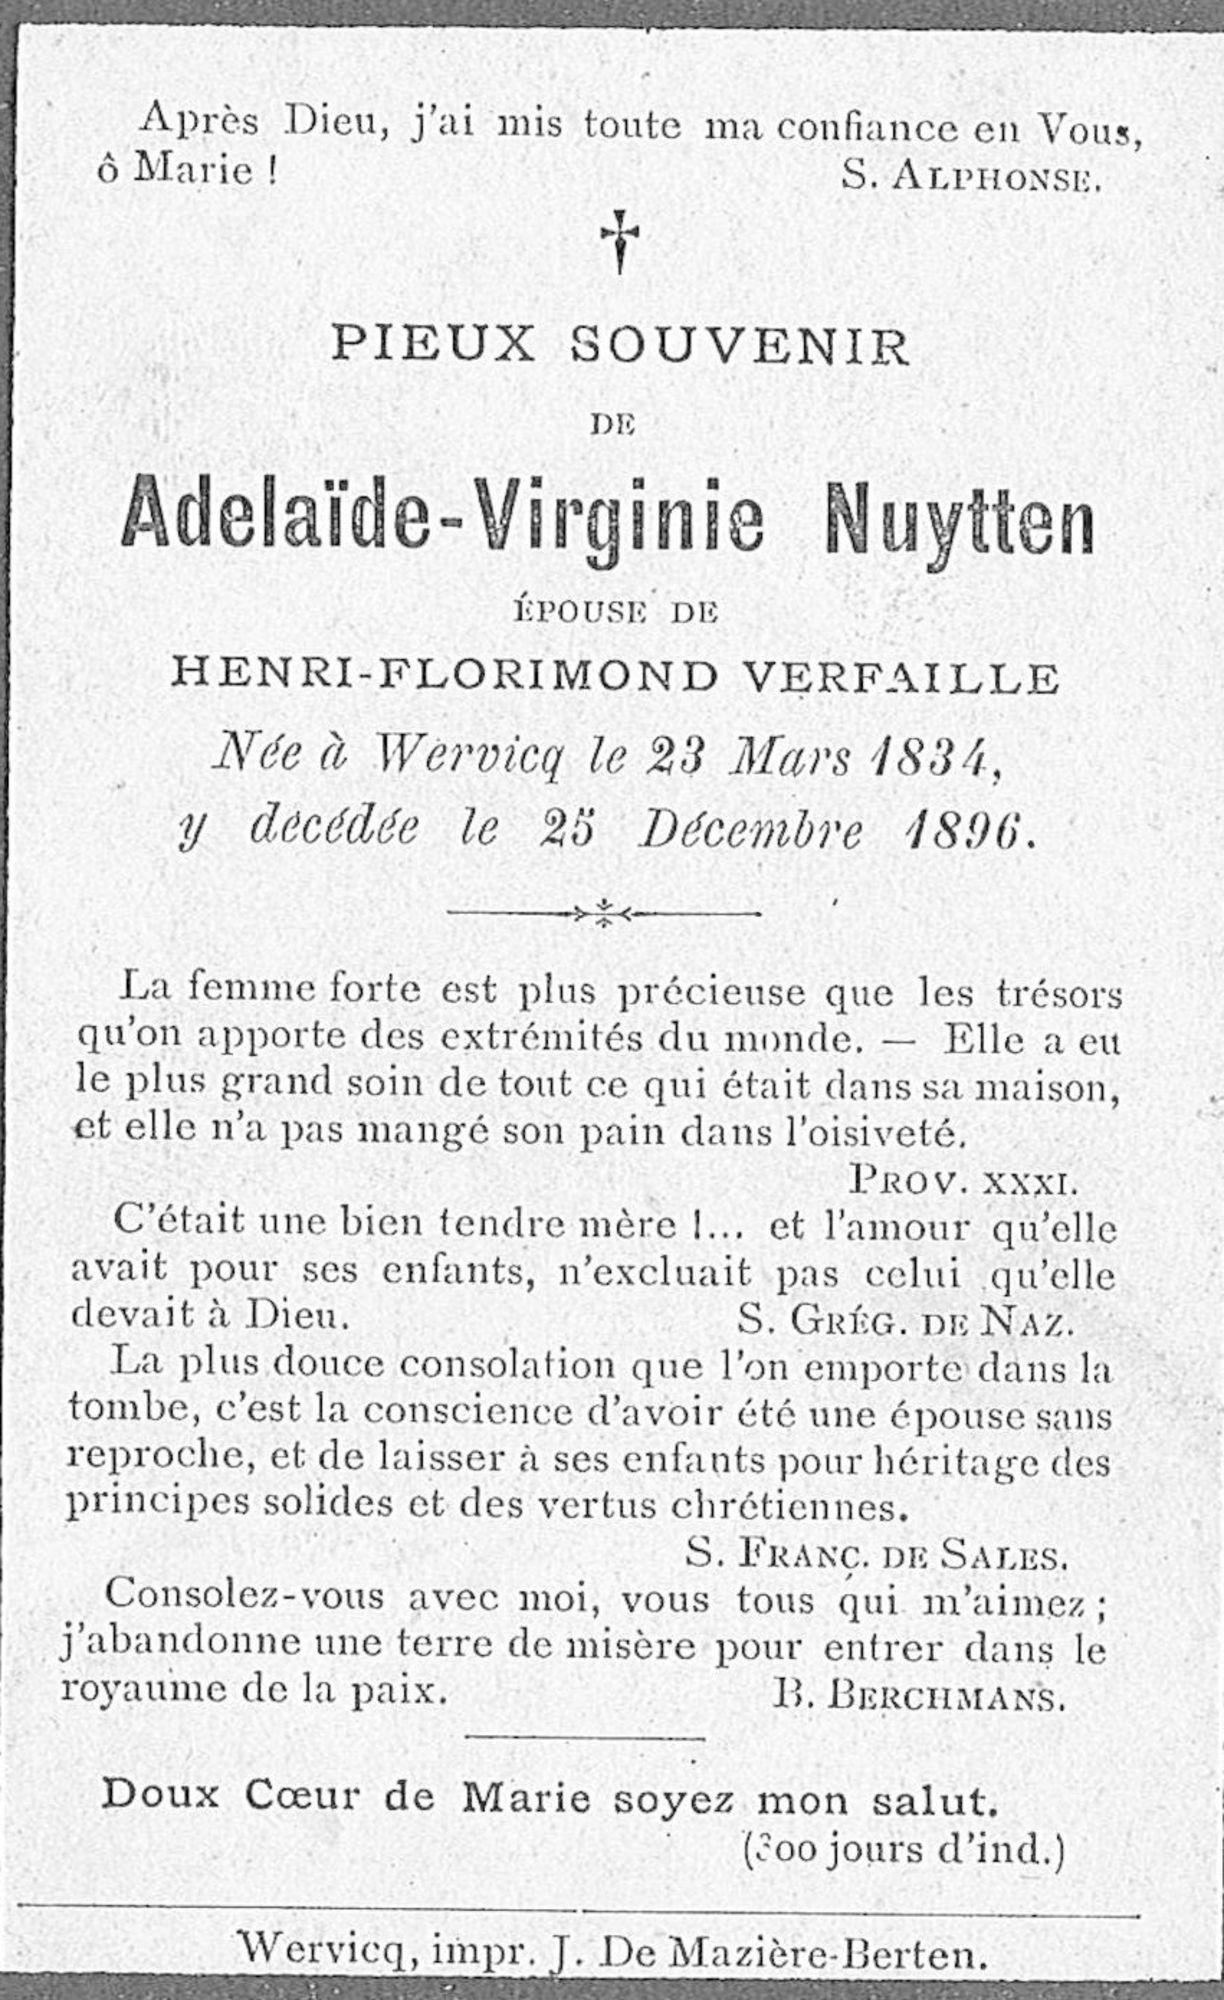 Adelaide-Virginie Nuytten